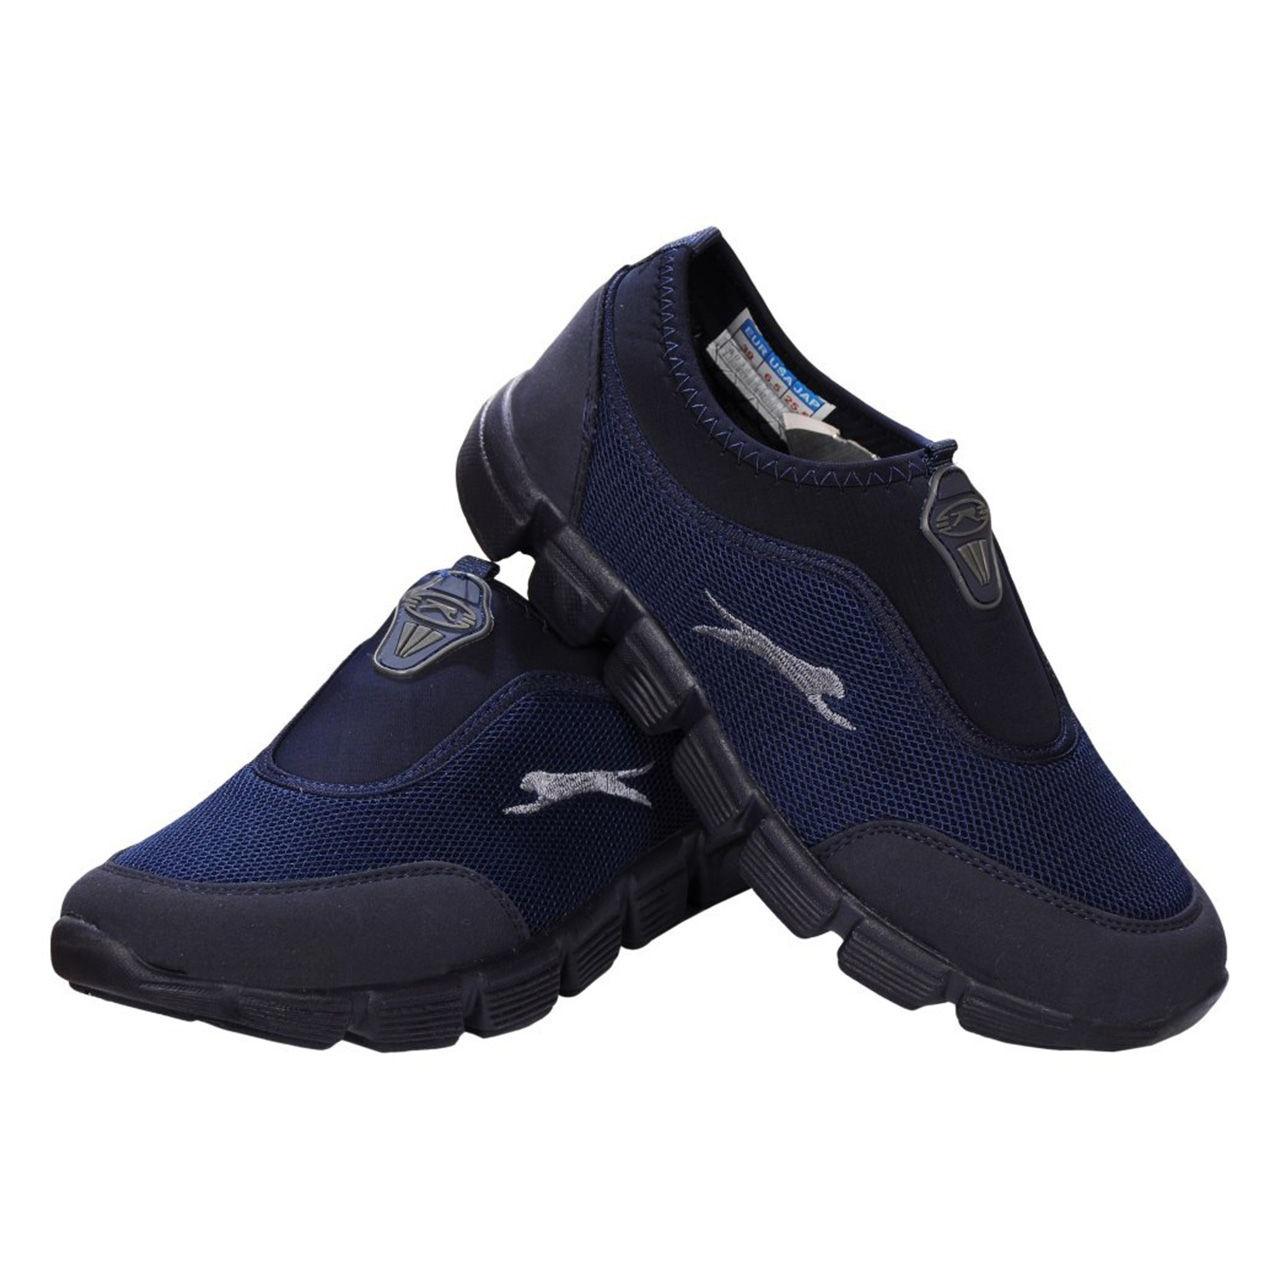 خرید                      کفش اسپورت  مردانه کد NG M 1200 S